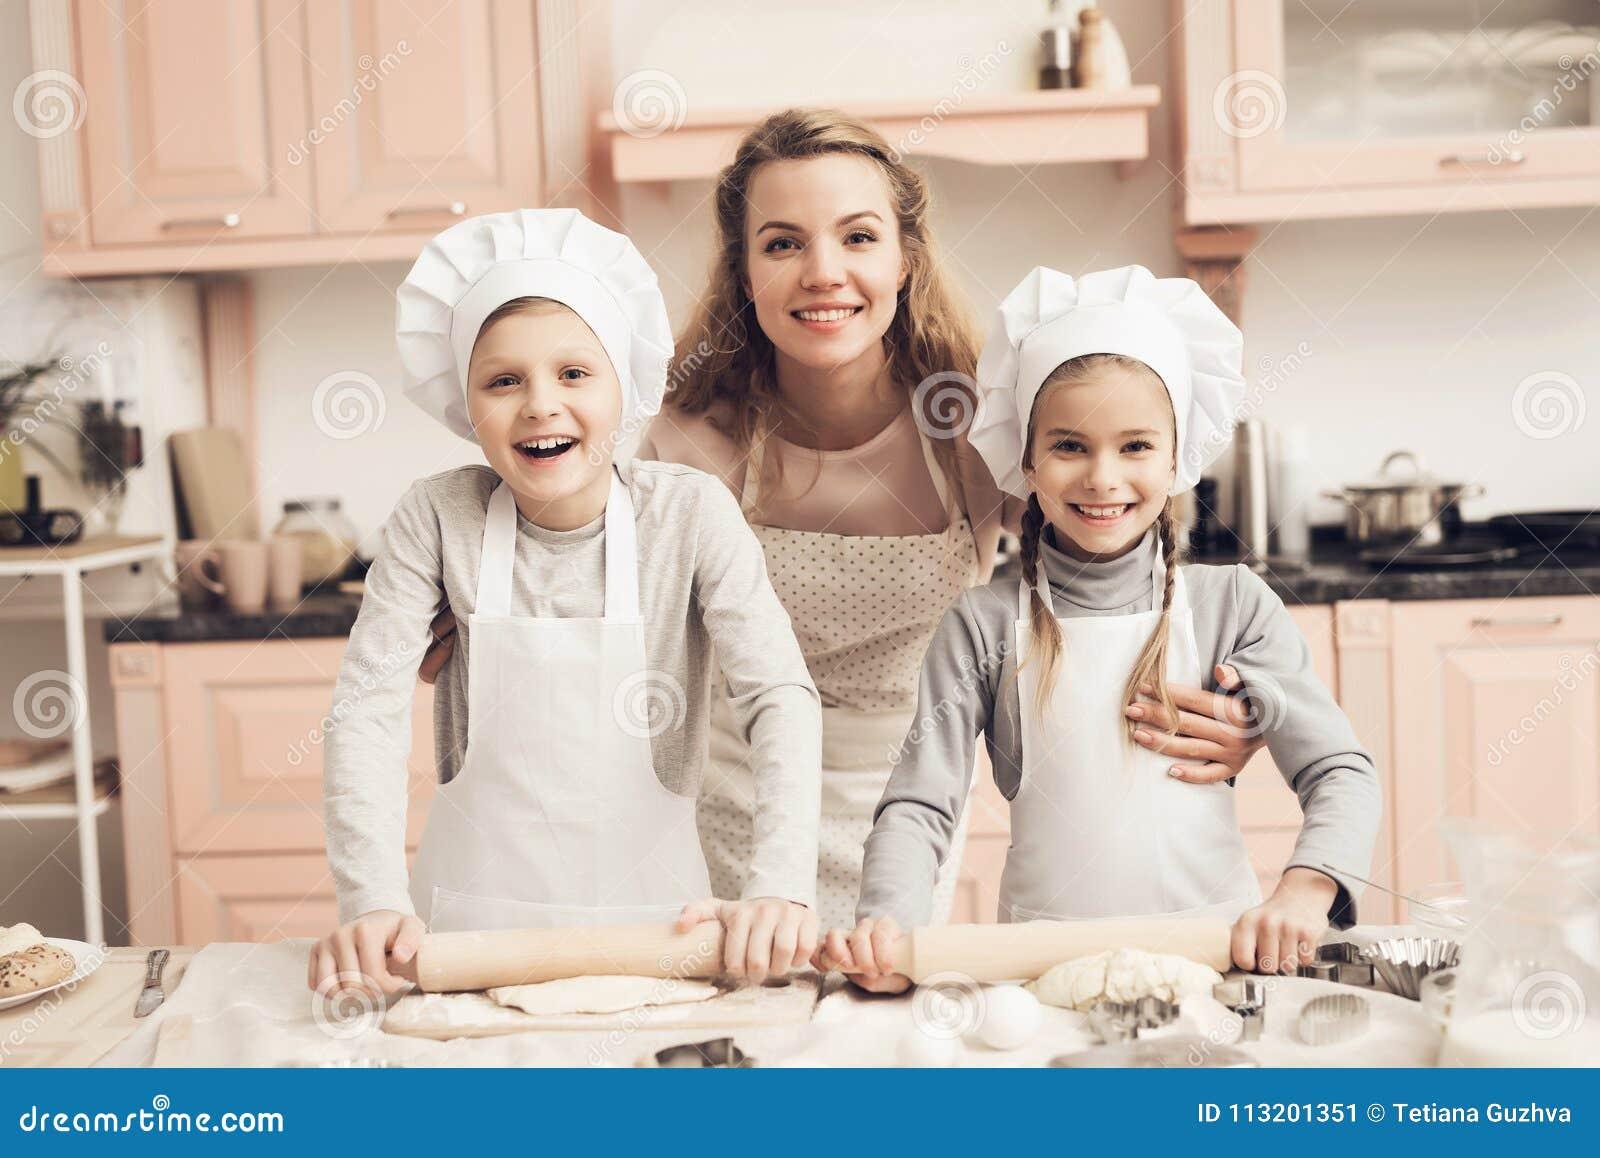 Crianças com a mãe na cozinha A família está pronta para desenrolar a massa